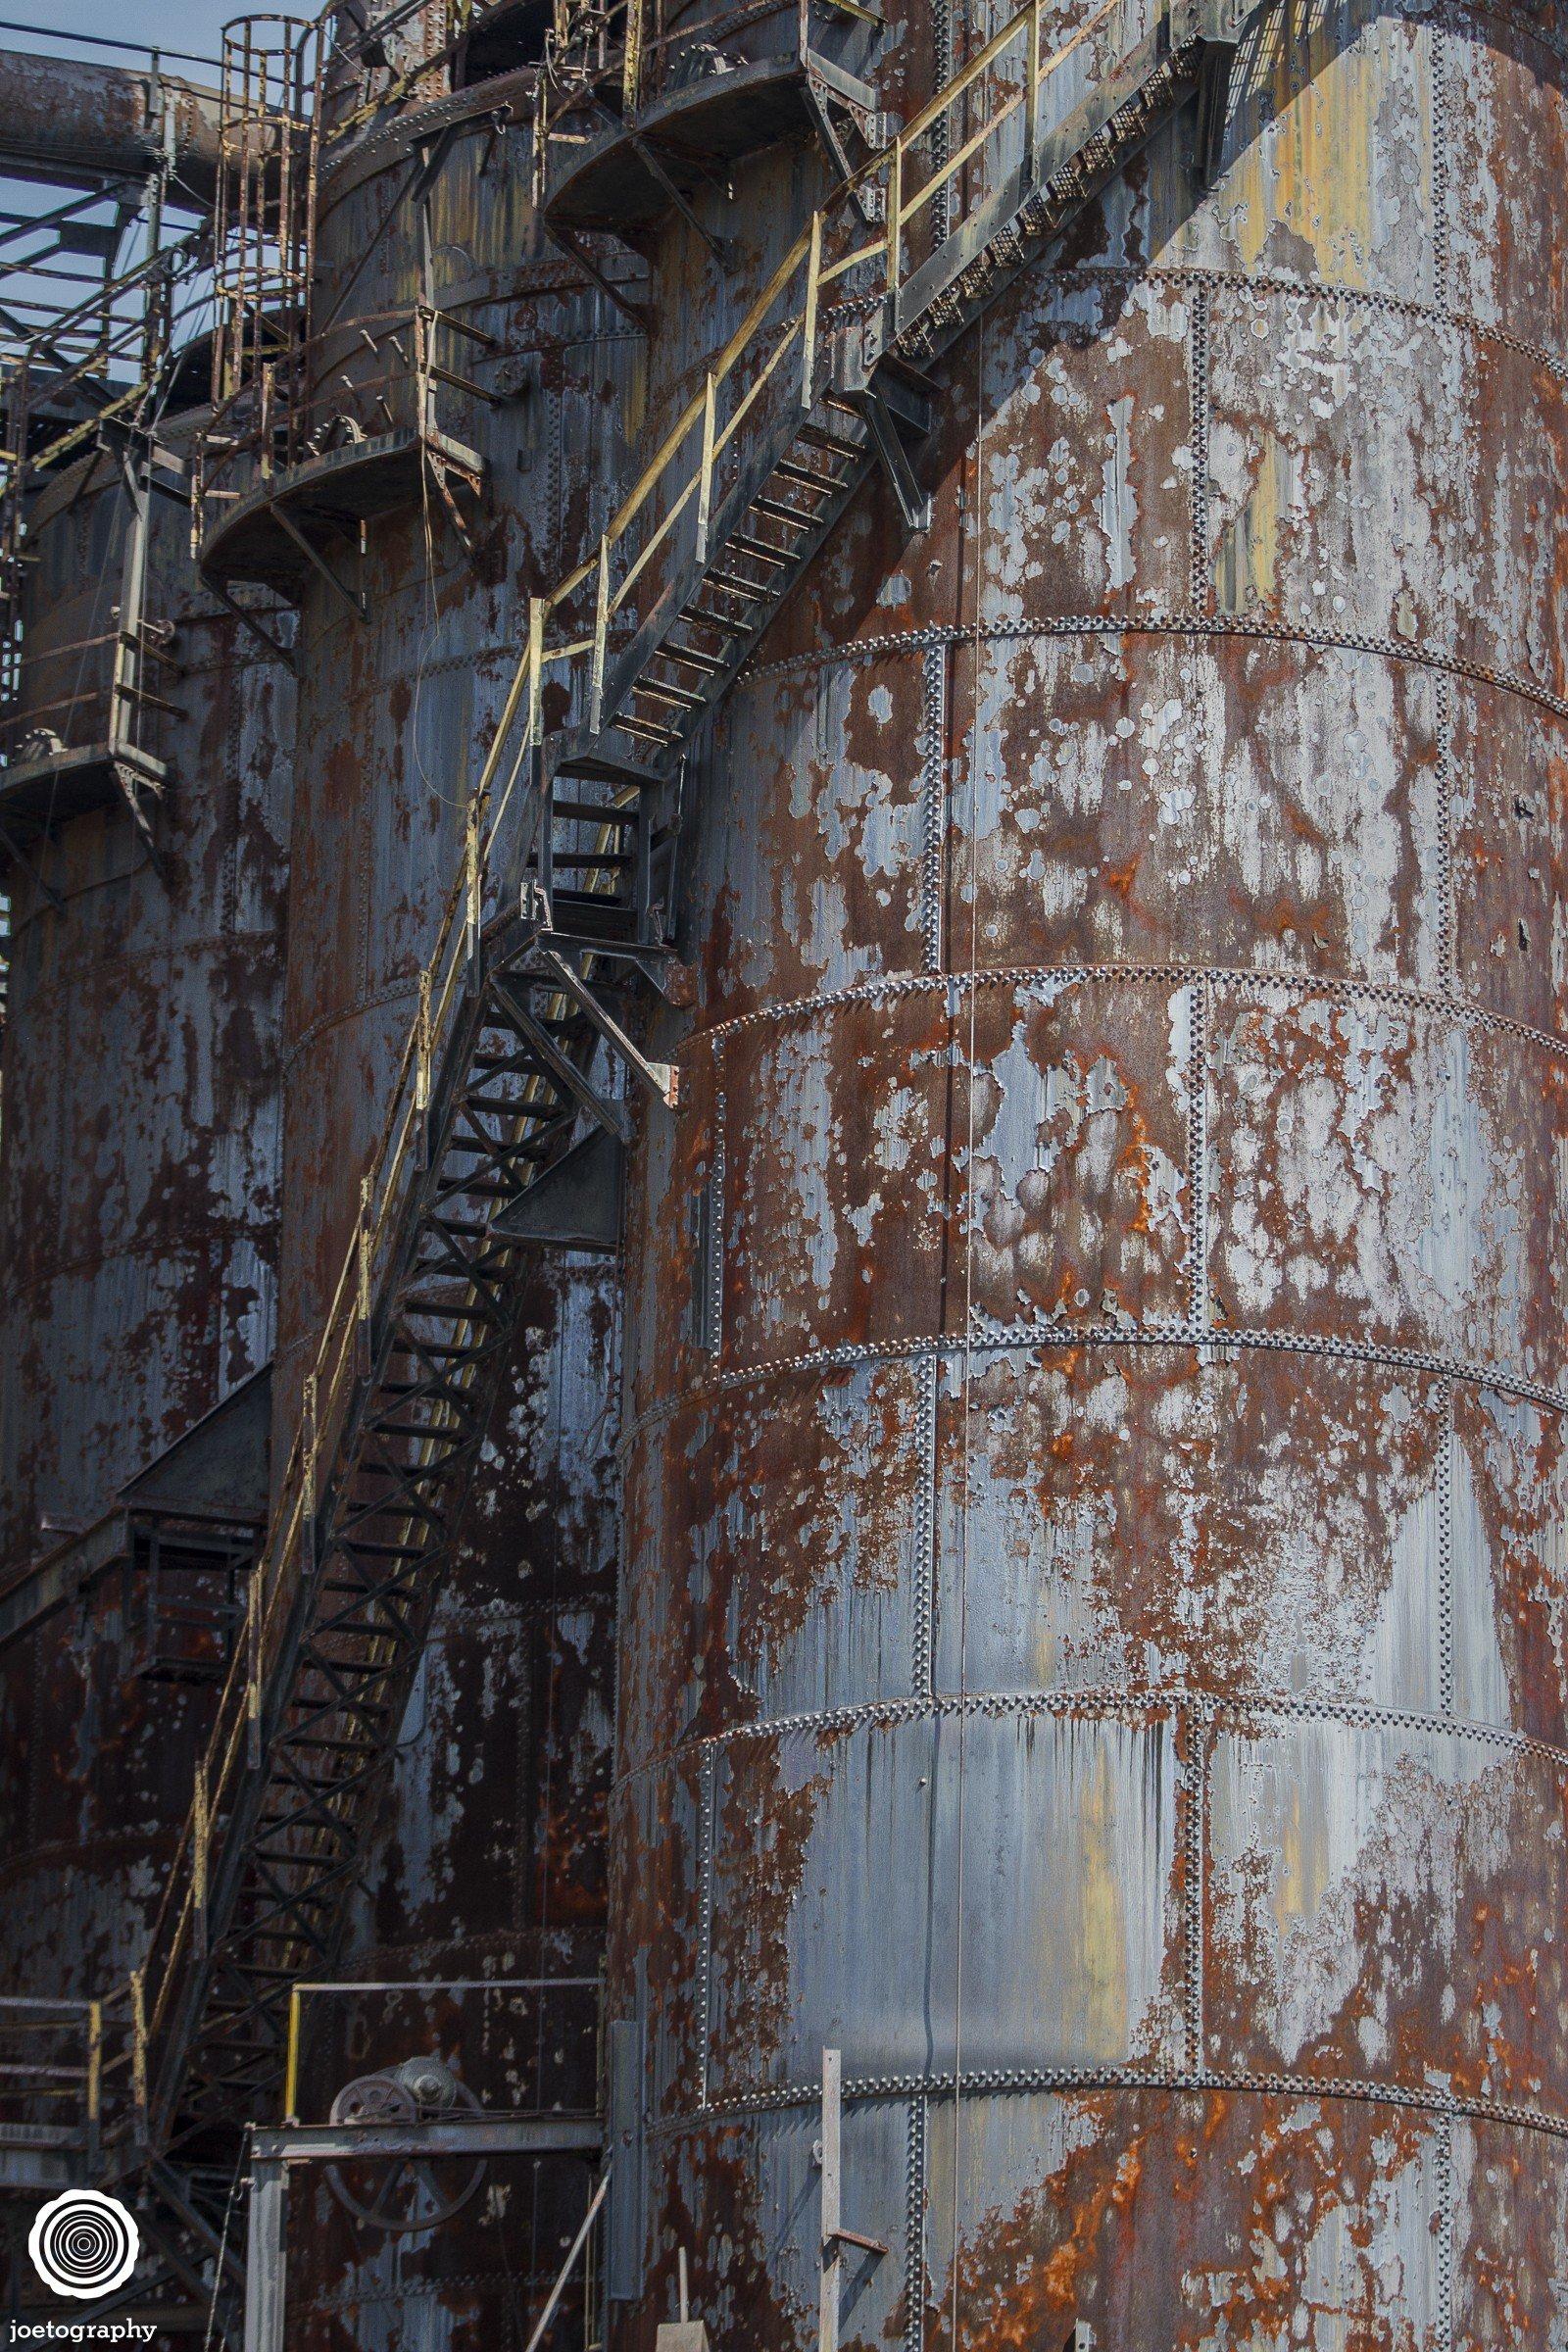 joetography-travel-photography-bethlehem-steel-pennsylvania-2015-4